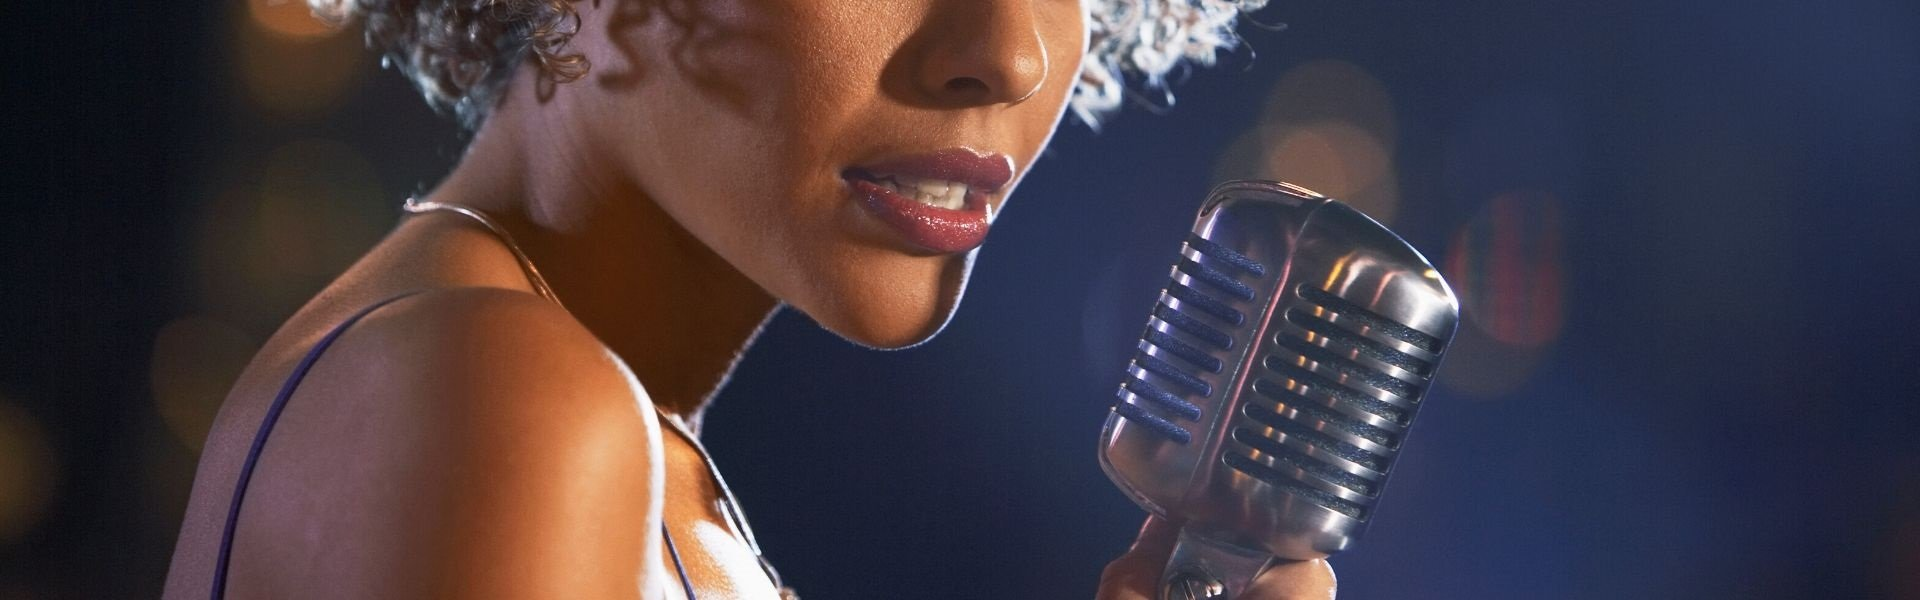 Cours de Chant en ligne